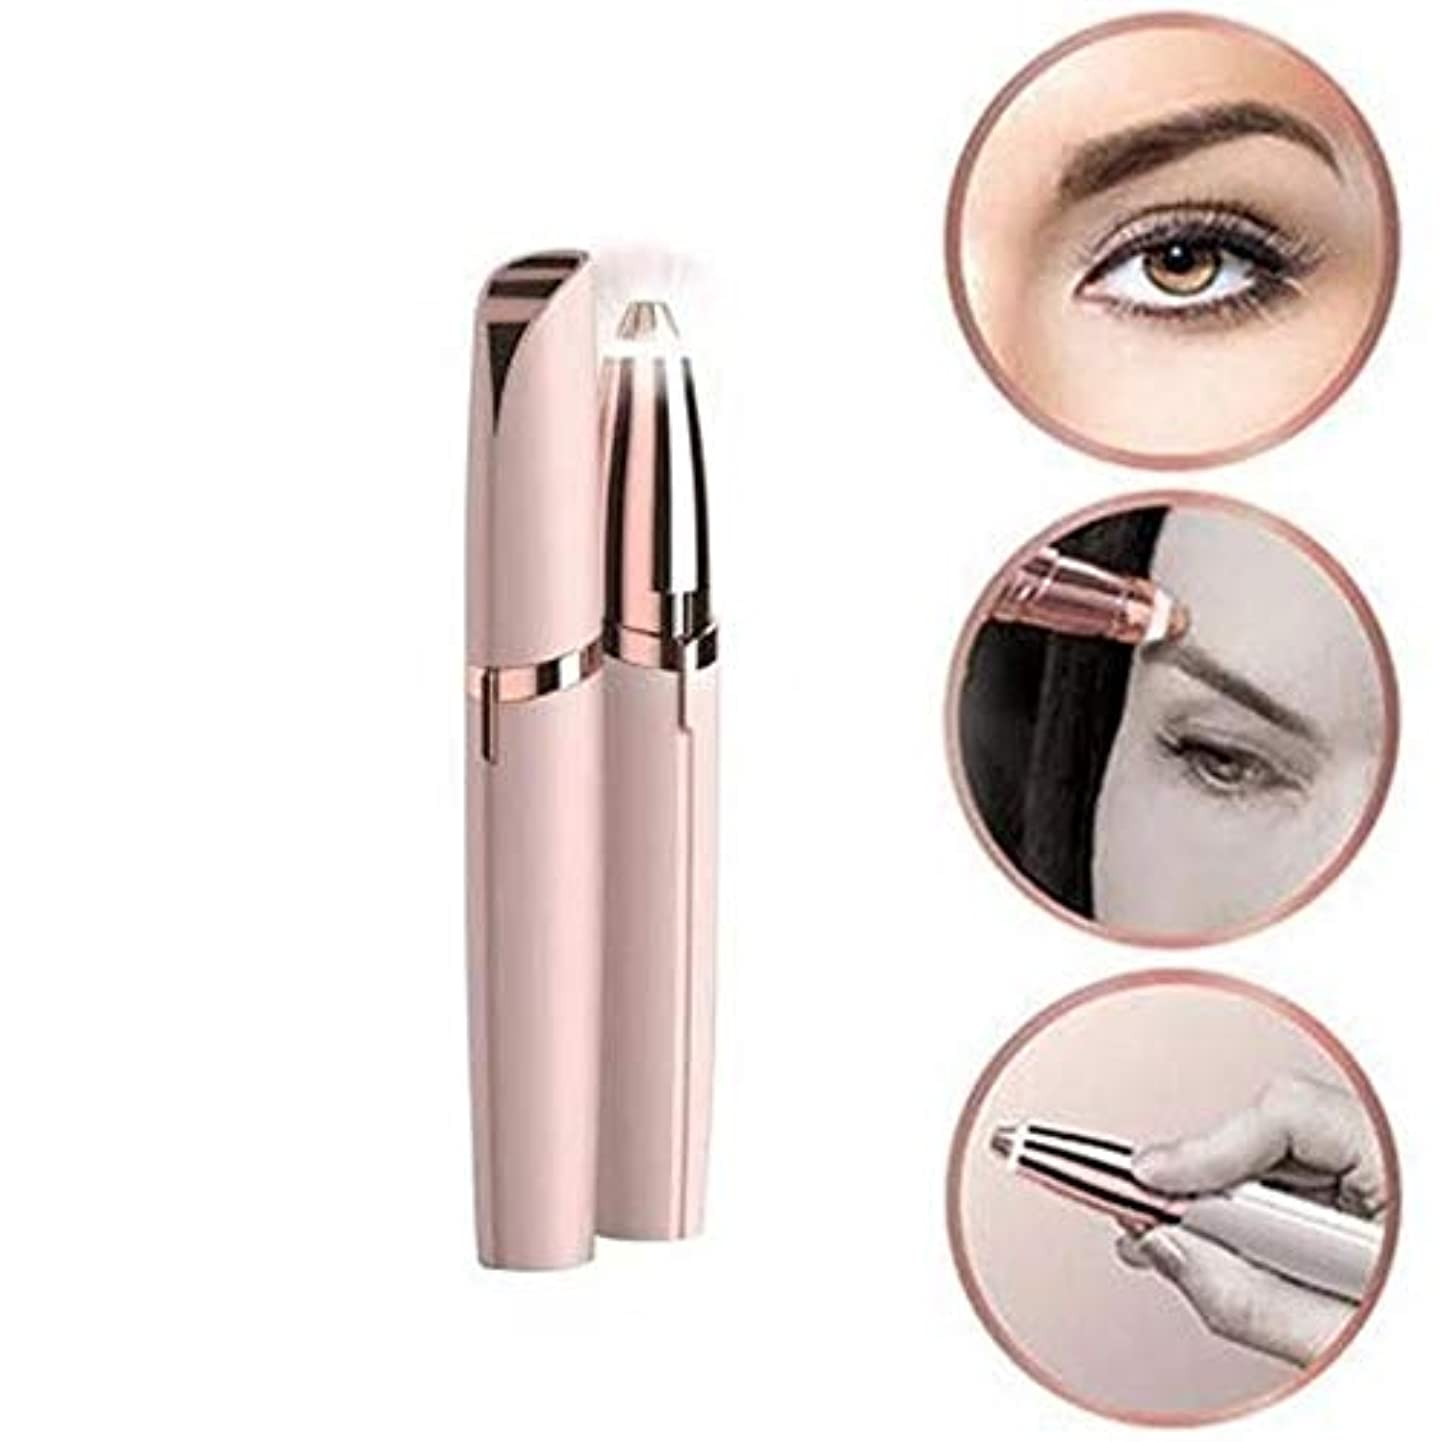 ポジション誠意改善女性のための眉毛のヘアリムーバー電気無痛トリマー、ライト付きポータブル眉毛脱毛